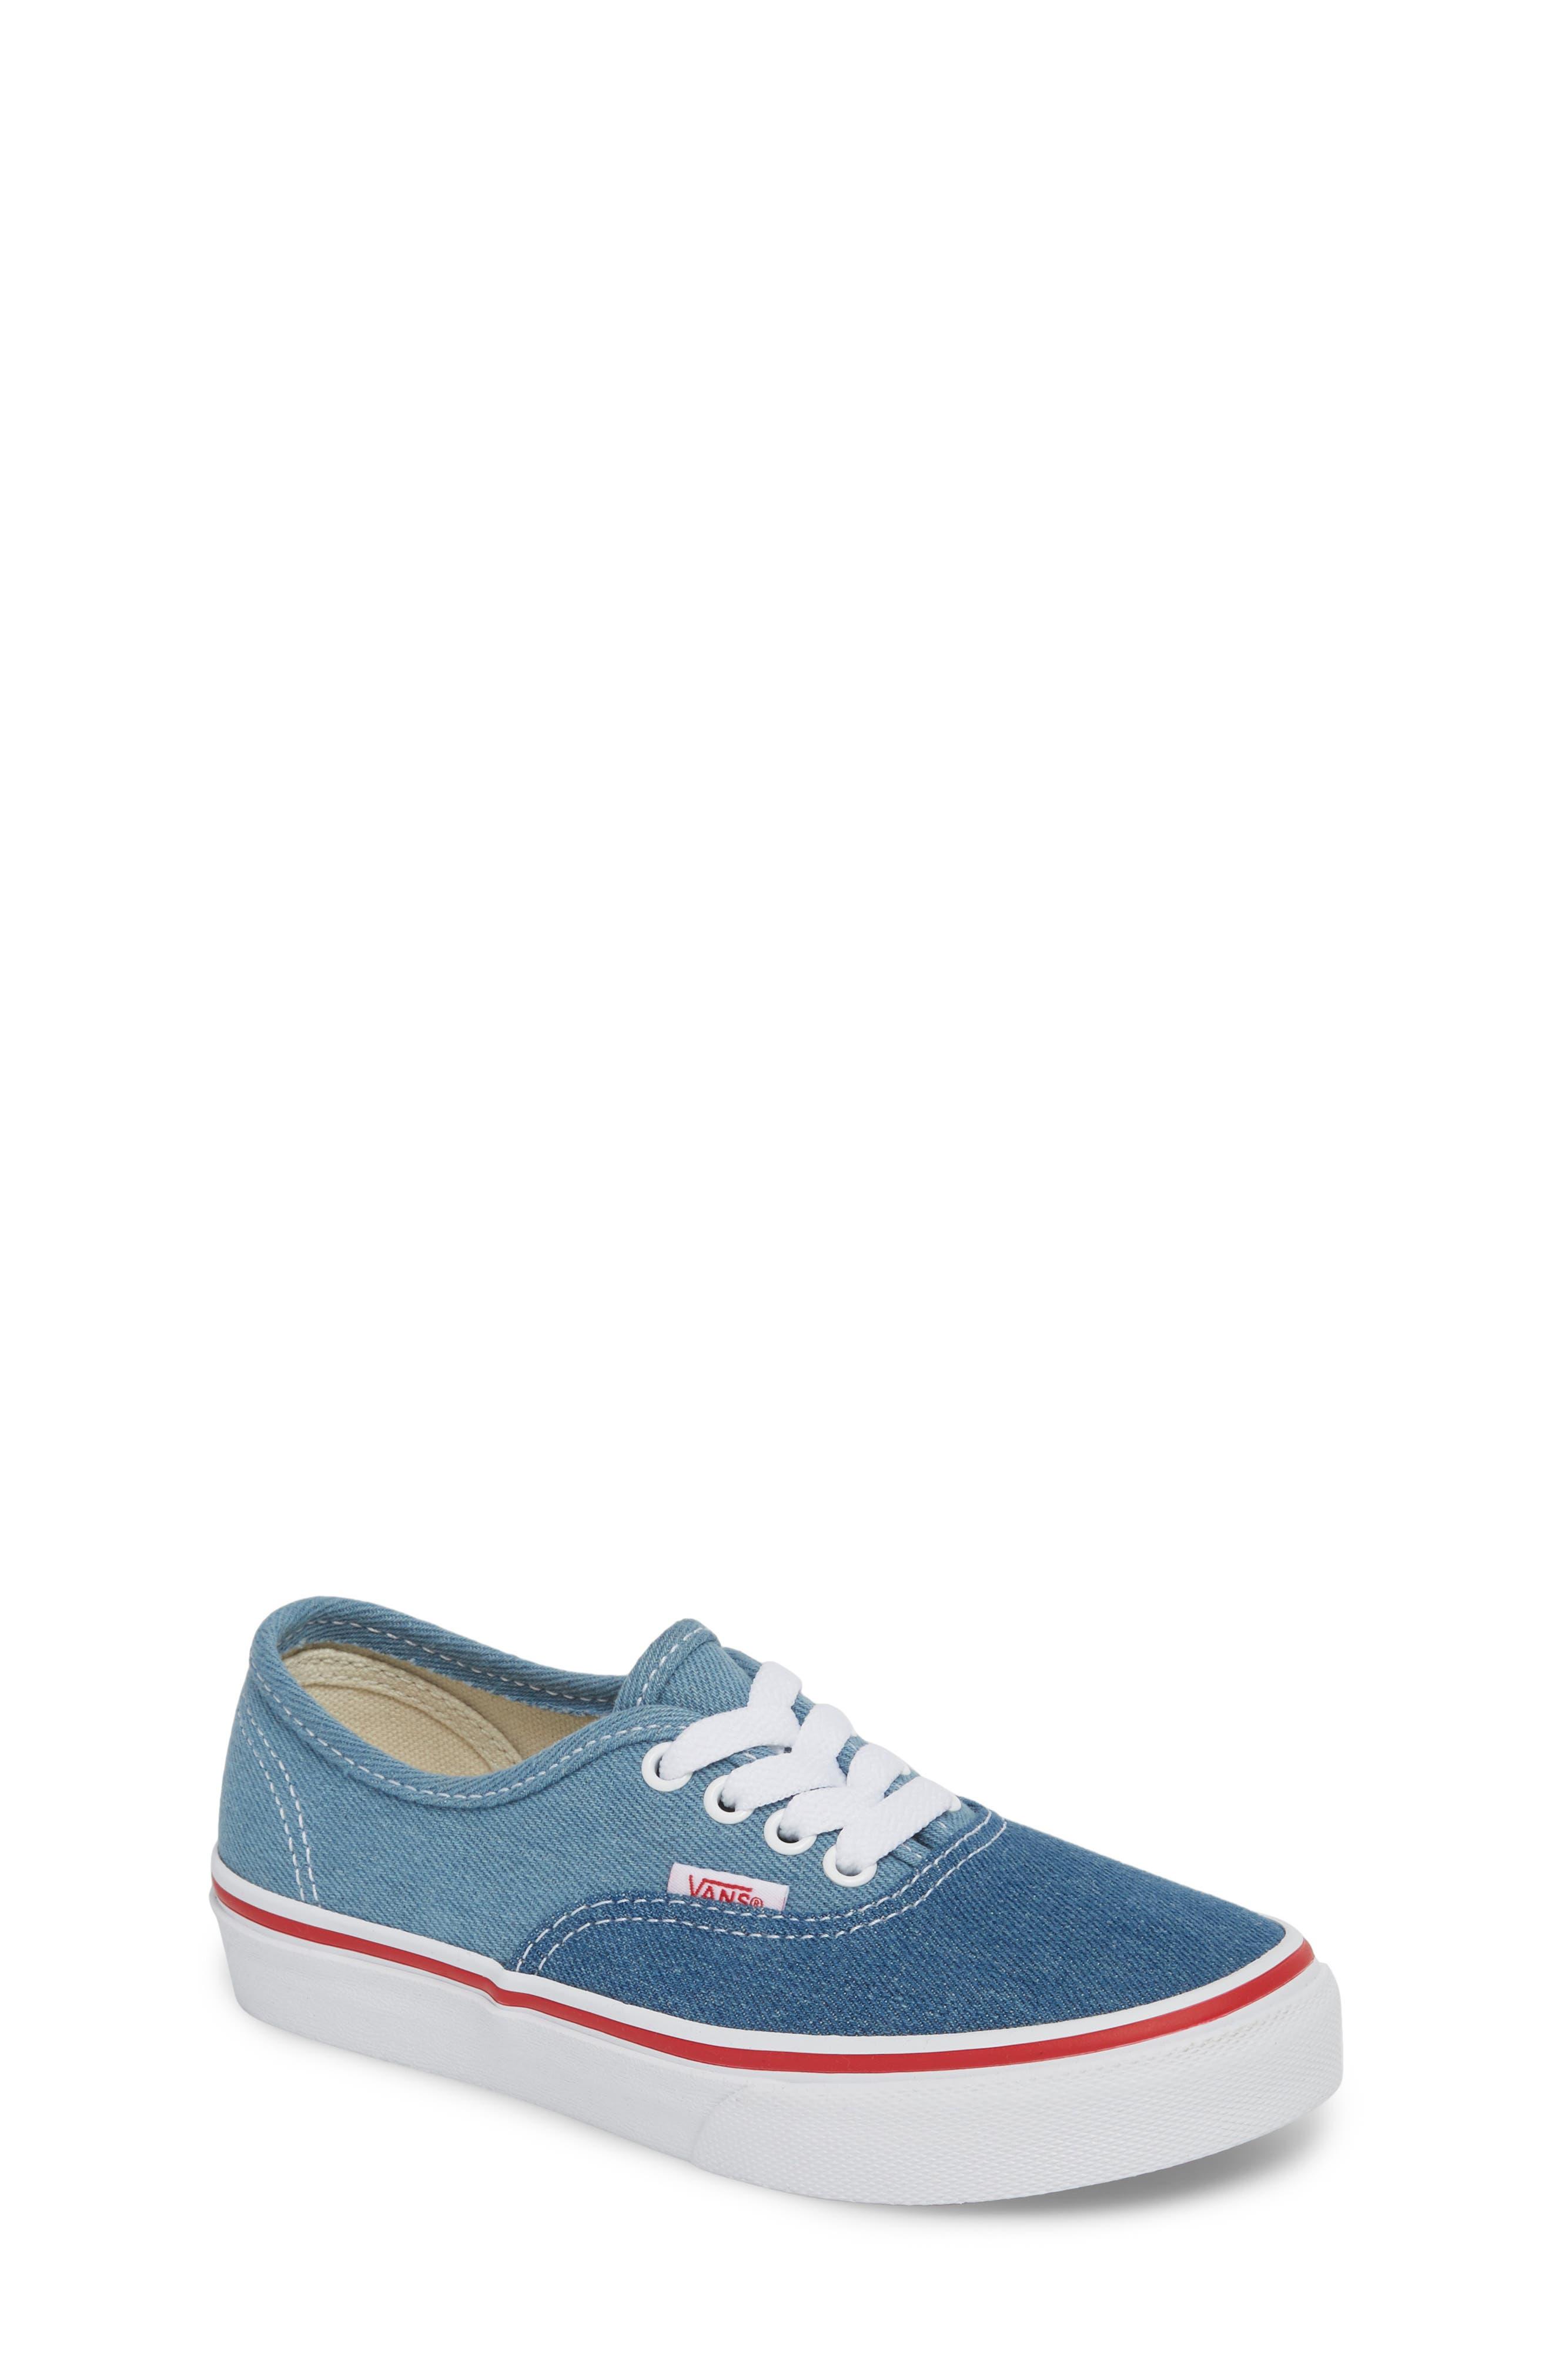 Vans Authentic Sneaker (Baby, Walker, Toddler, Little Kid & Big Kid)